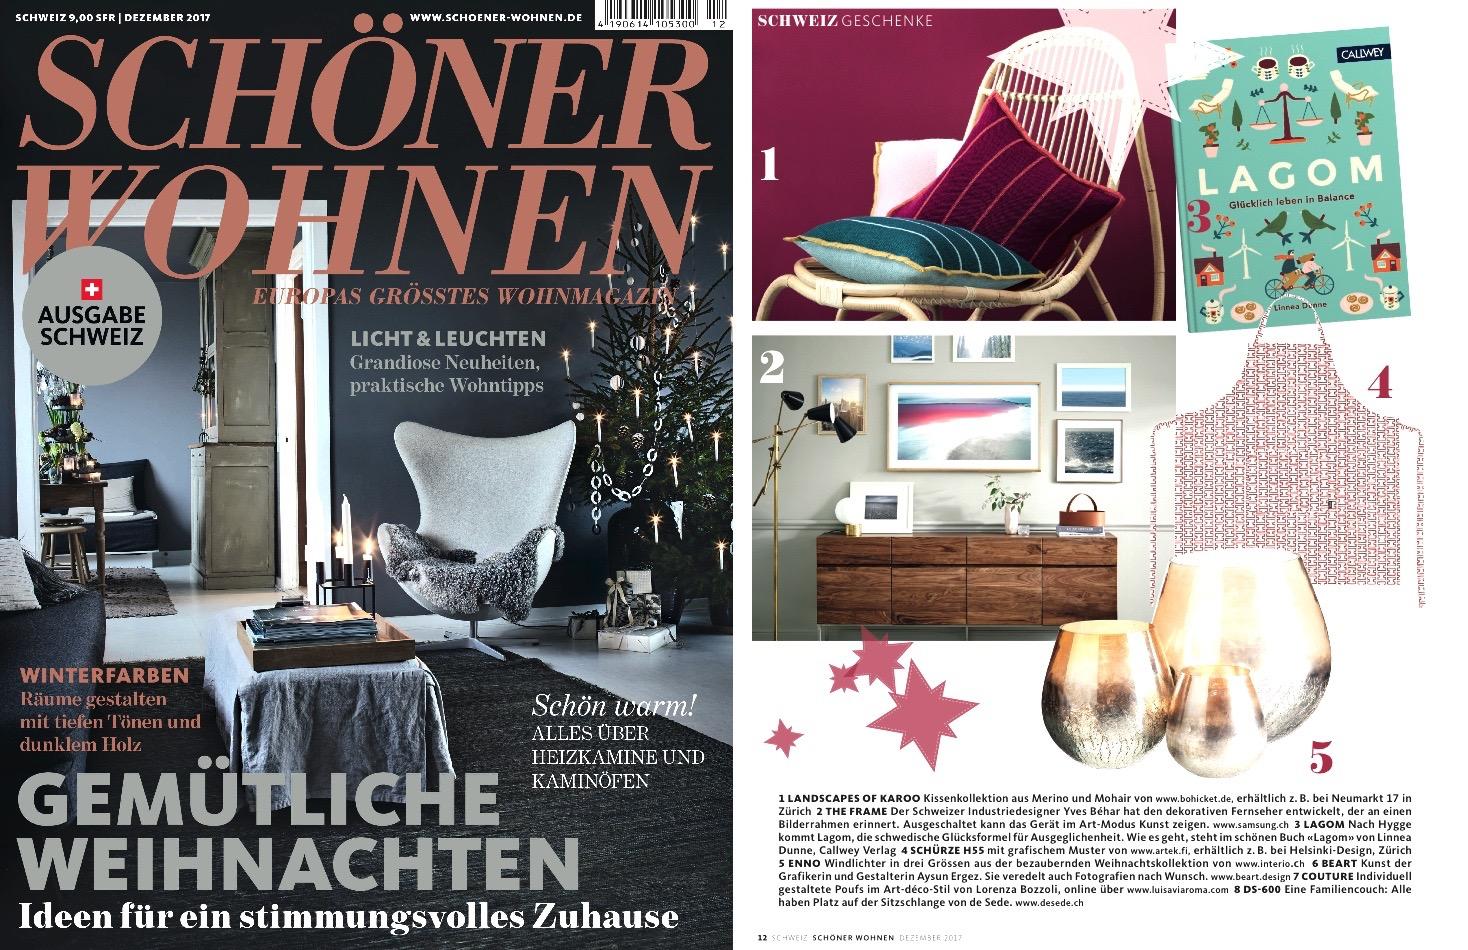 Schöner Wohnen Schweiz bohicket in the press bohicket